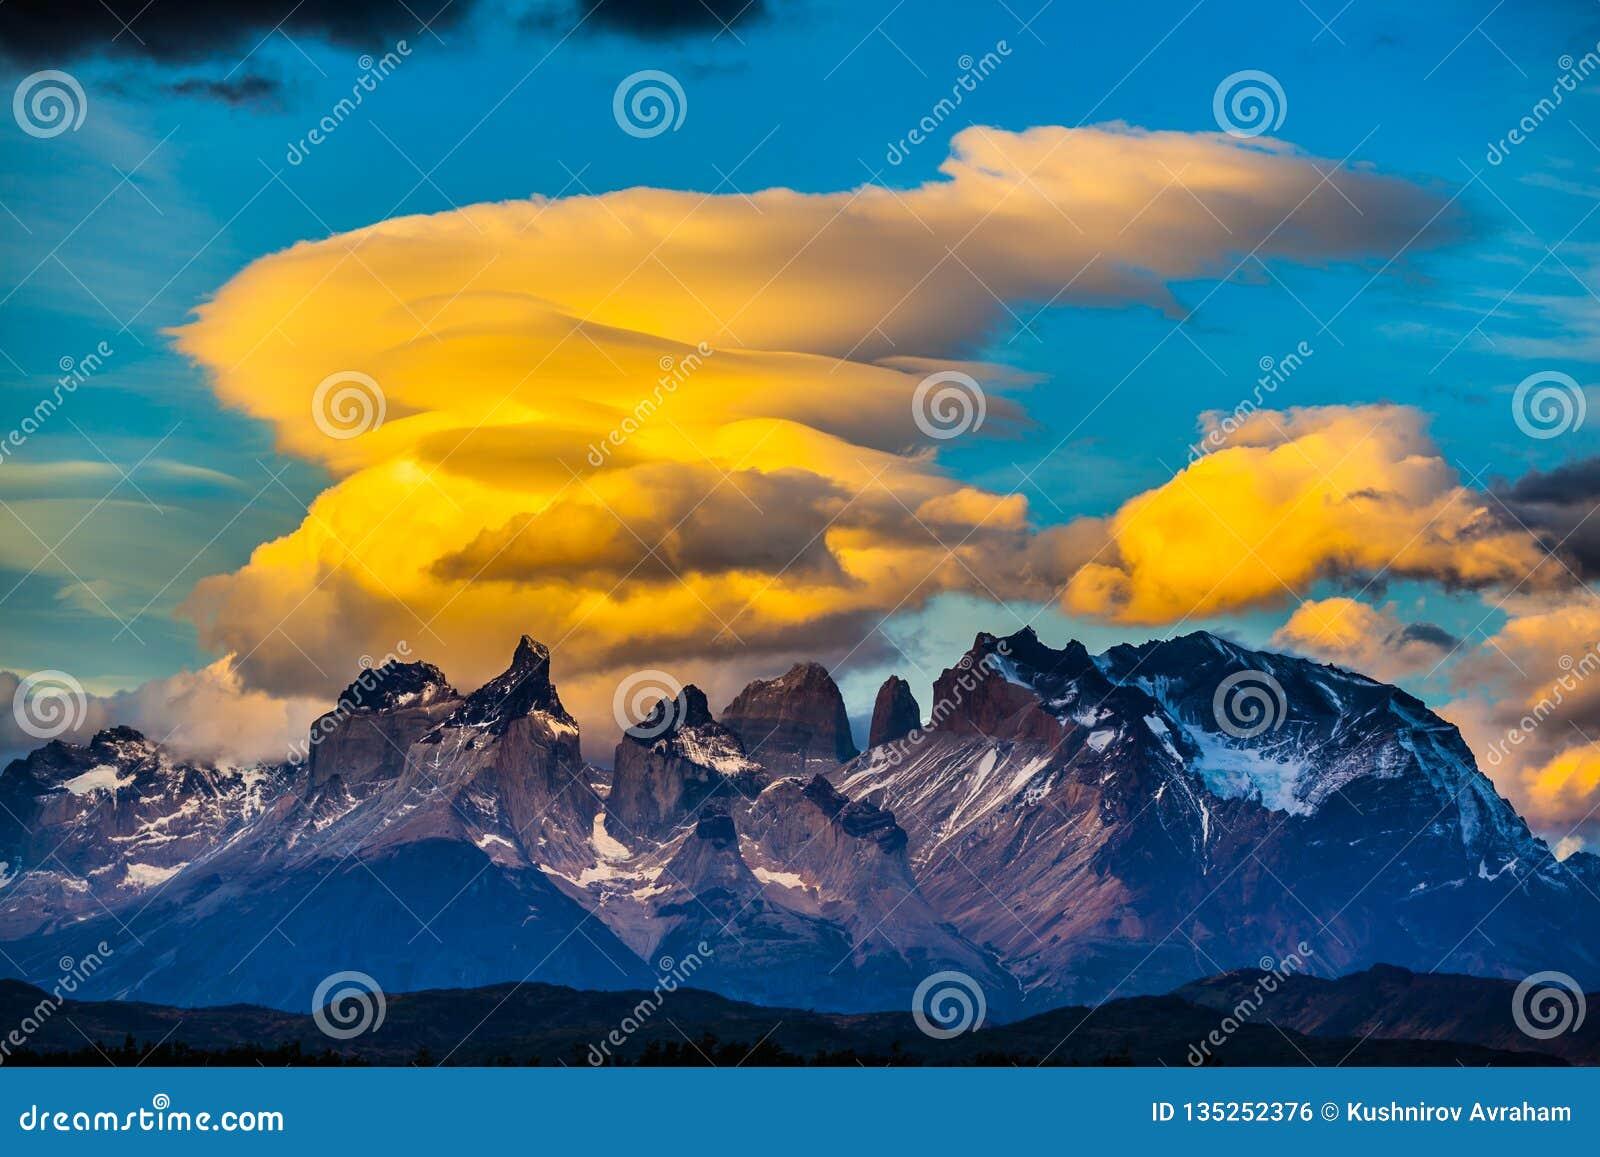 Великолепные оранжевые облака